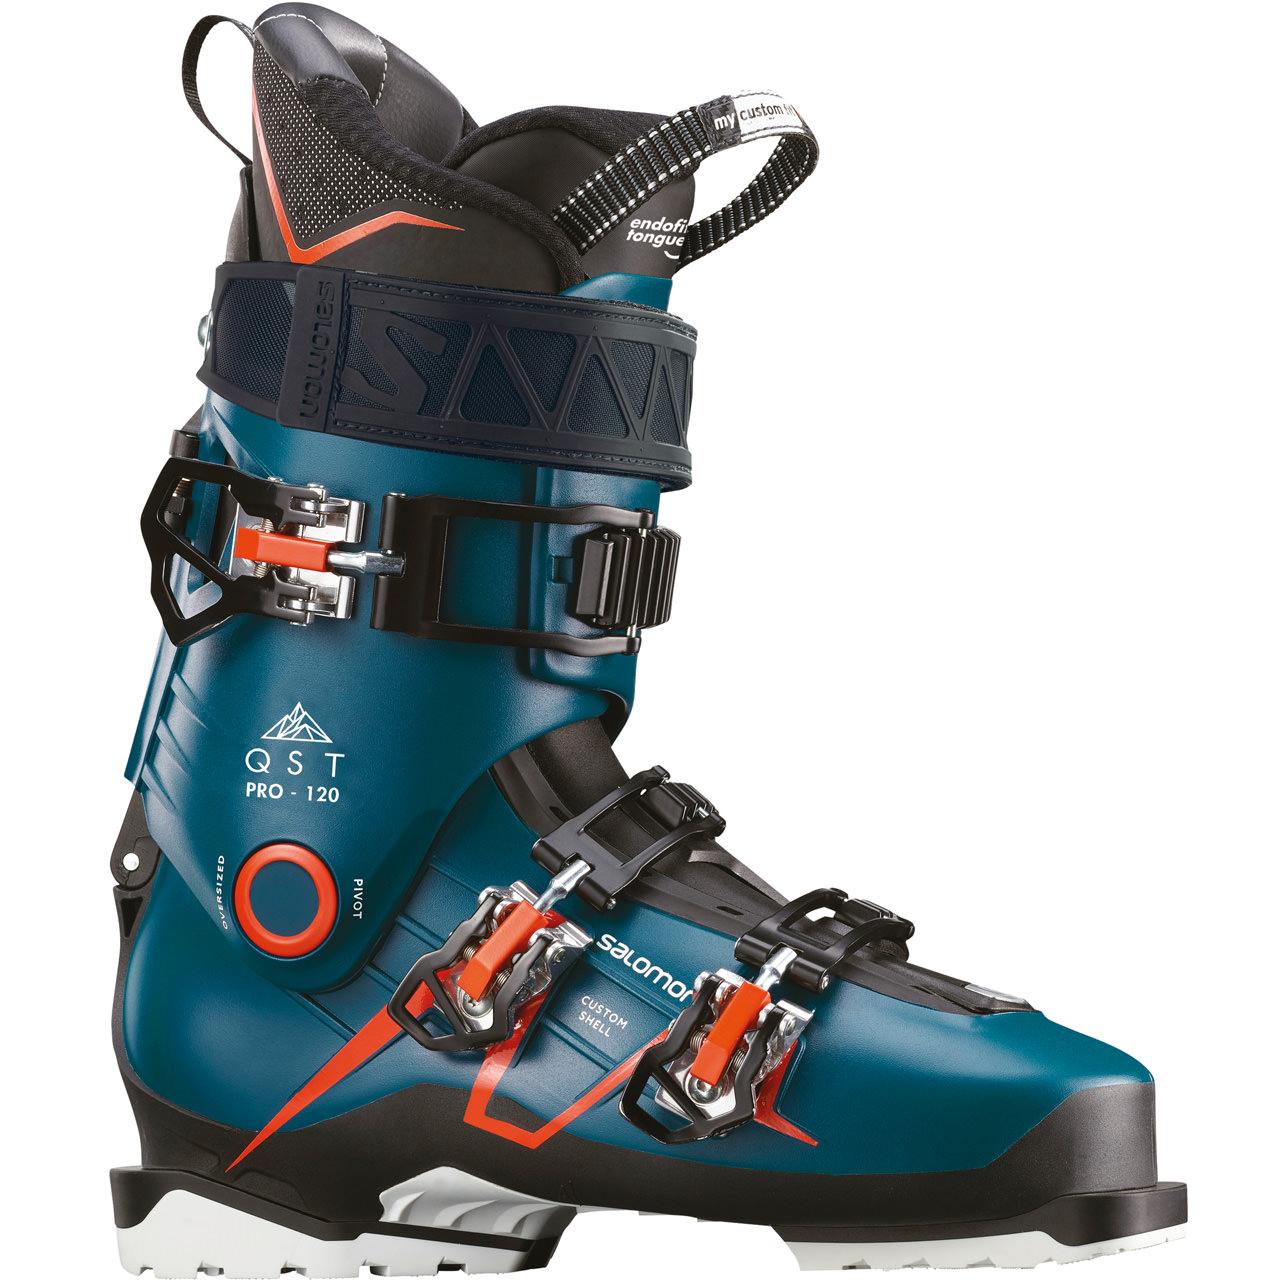 Skischuhe für Herren günstig im Shop kaufen